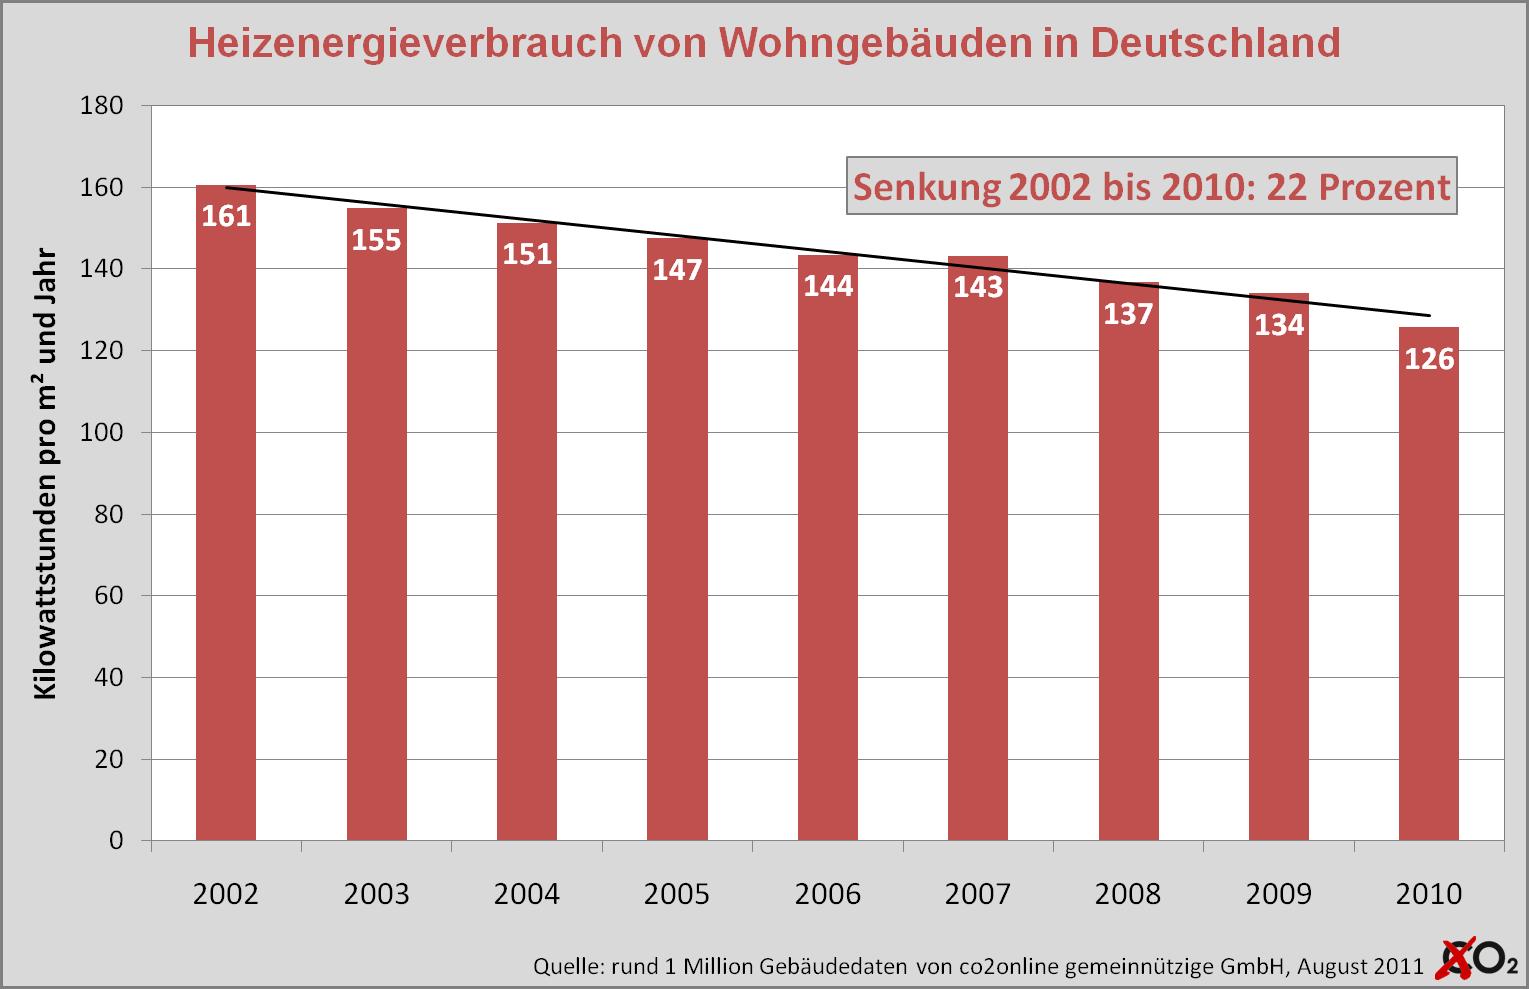 (BILD) co2online Research: Heizenergieverbrauch seit 2002 um 22 Prozent gesunken